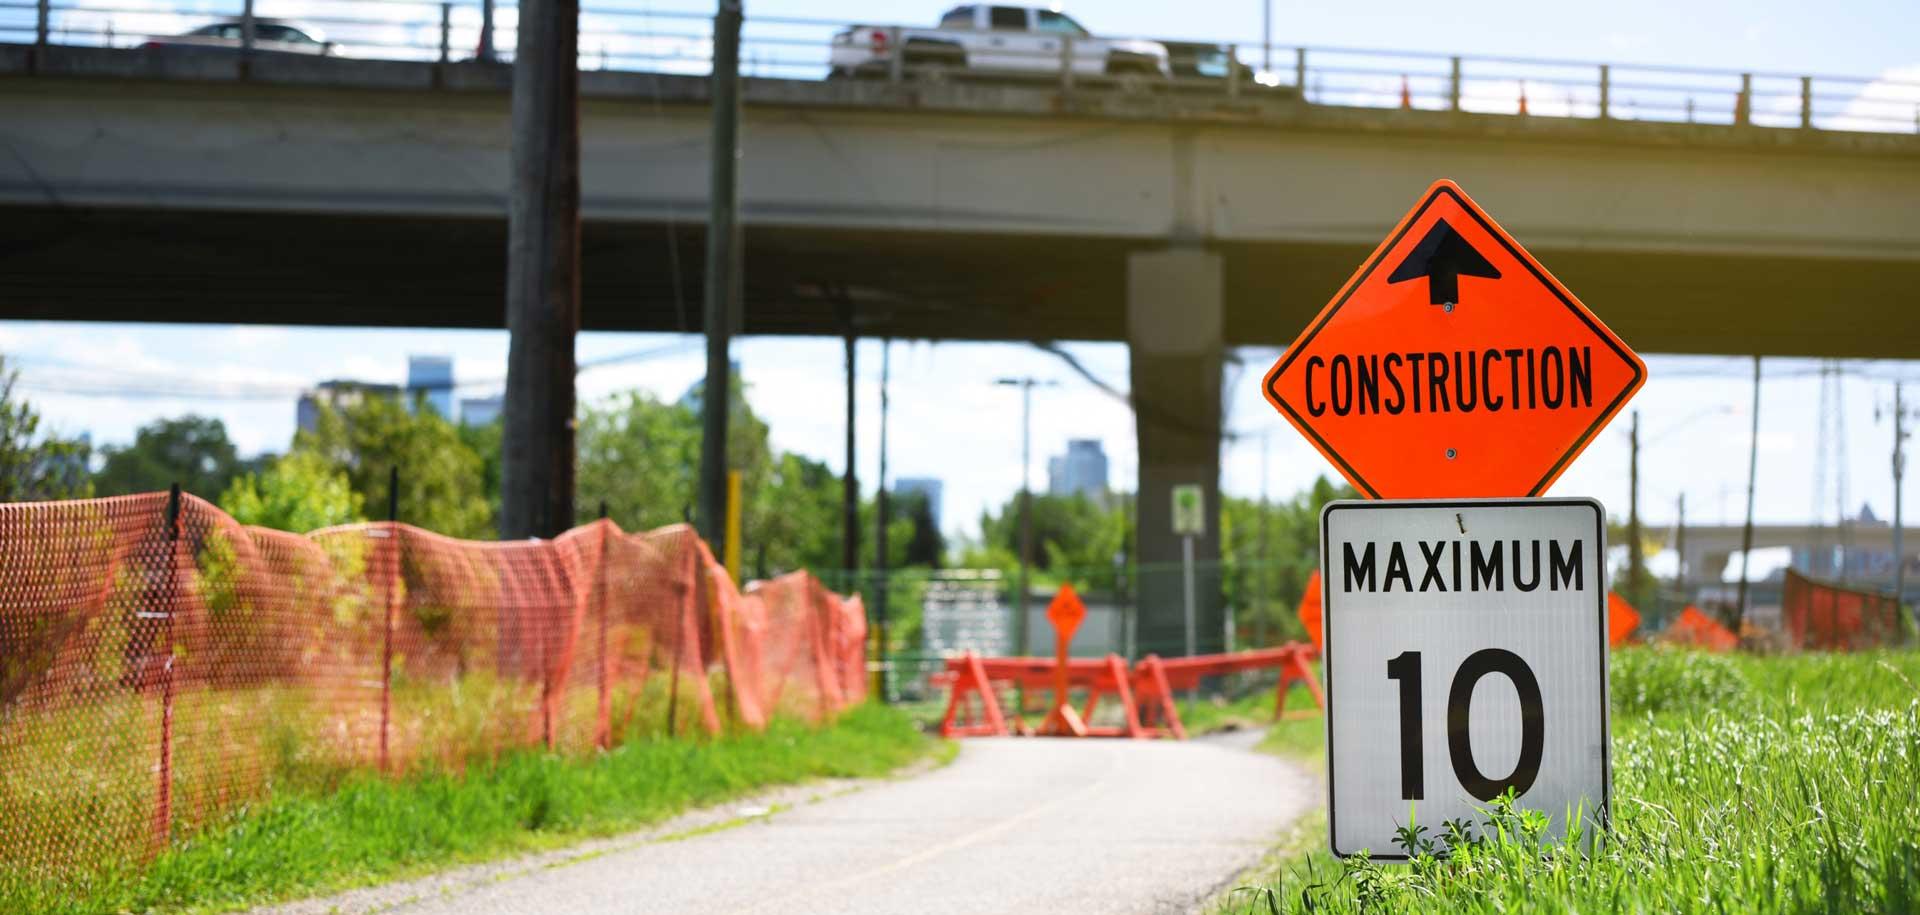 'Construction. Maximum 10' sign